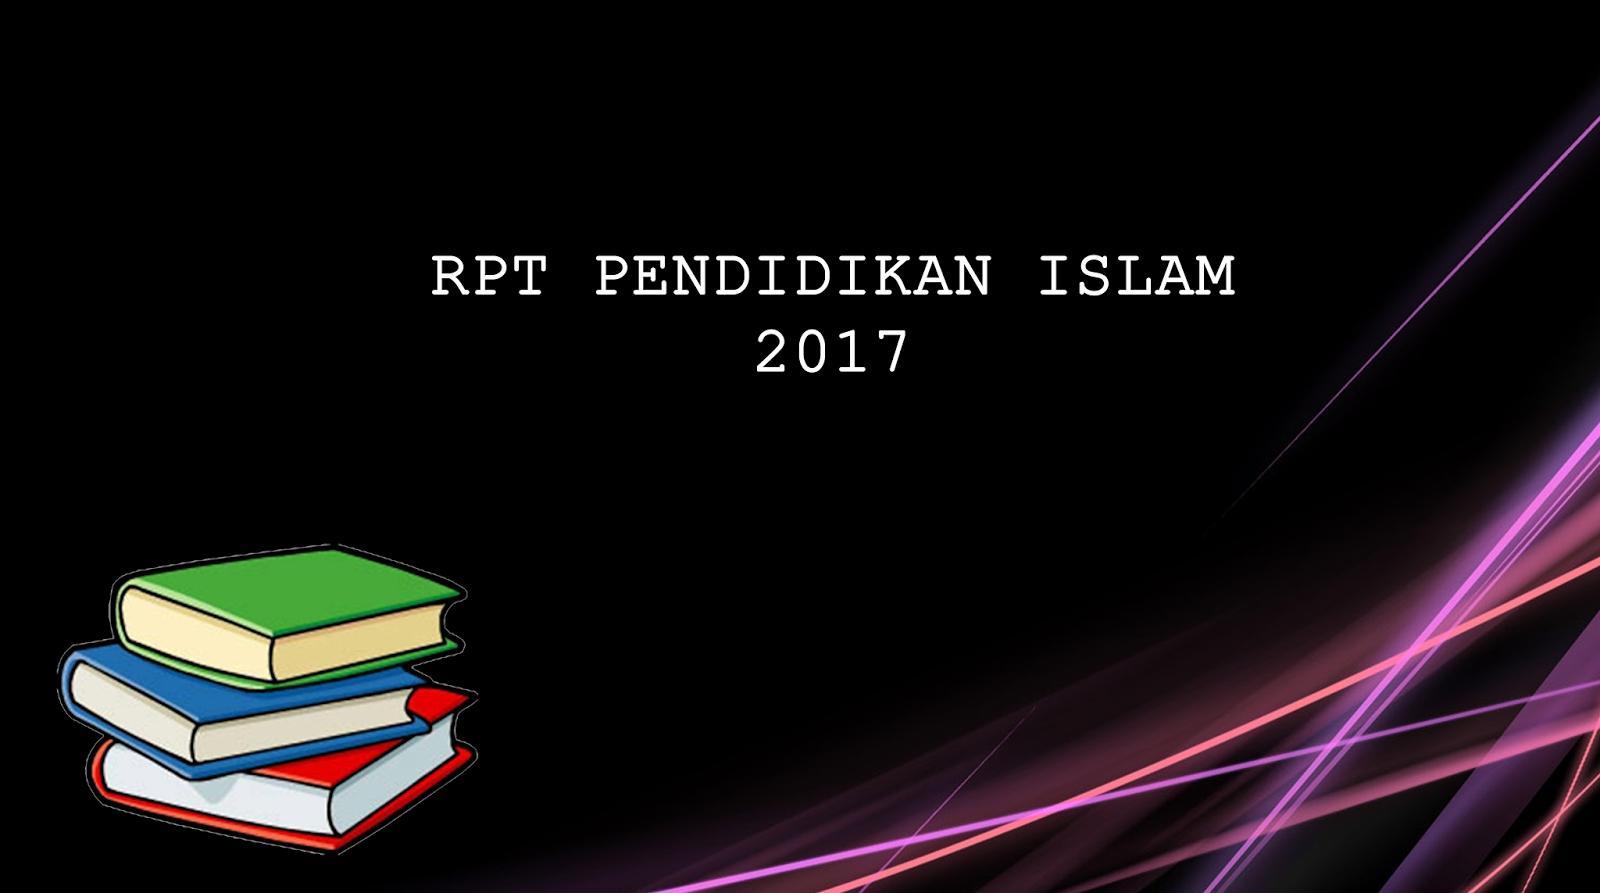 Rpt Pendidikan islam Tahun 5 Bermanfaat Blog J Qaf Sk Parit Haji Taib Rpt Pendidikan islam Kssr 2017 Of Dapatkan Rpt Pendidikan islam Tahun 5 Yang Berguna Khas Untuk Para Guru Dapatkan!